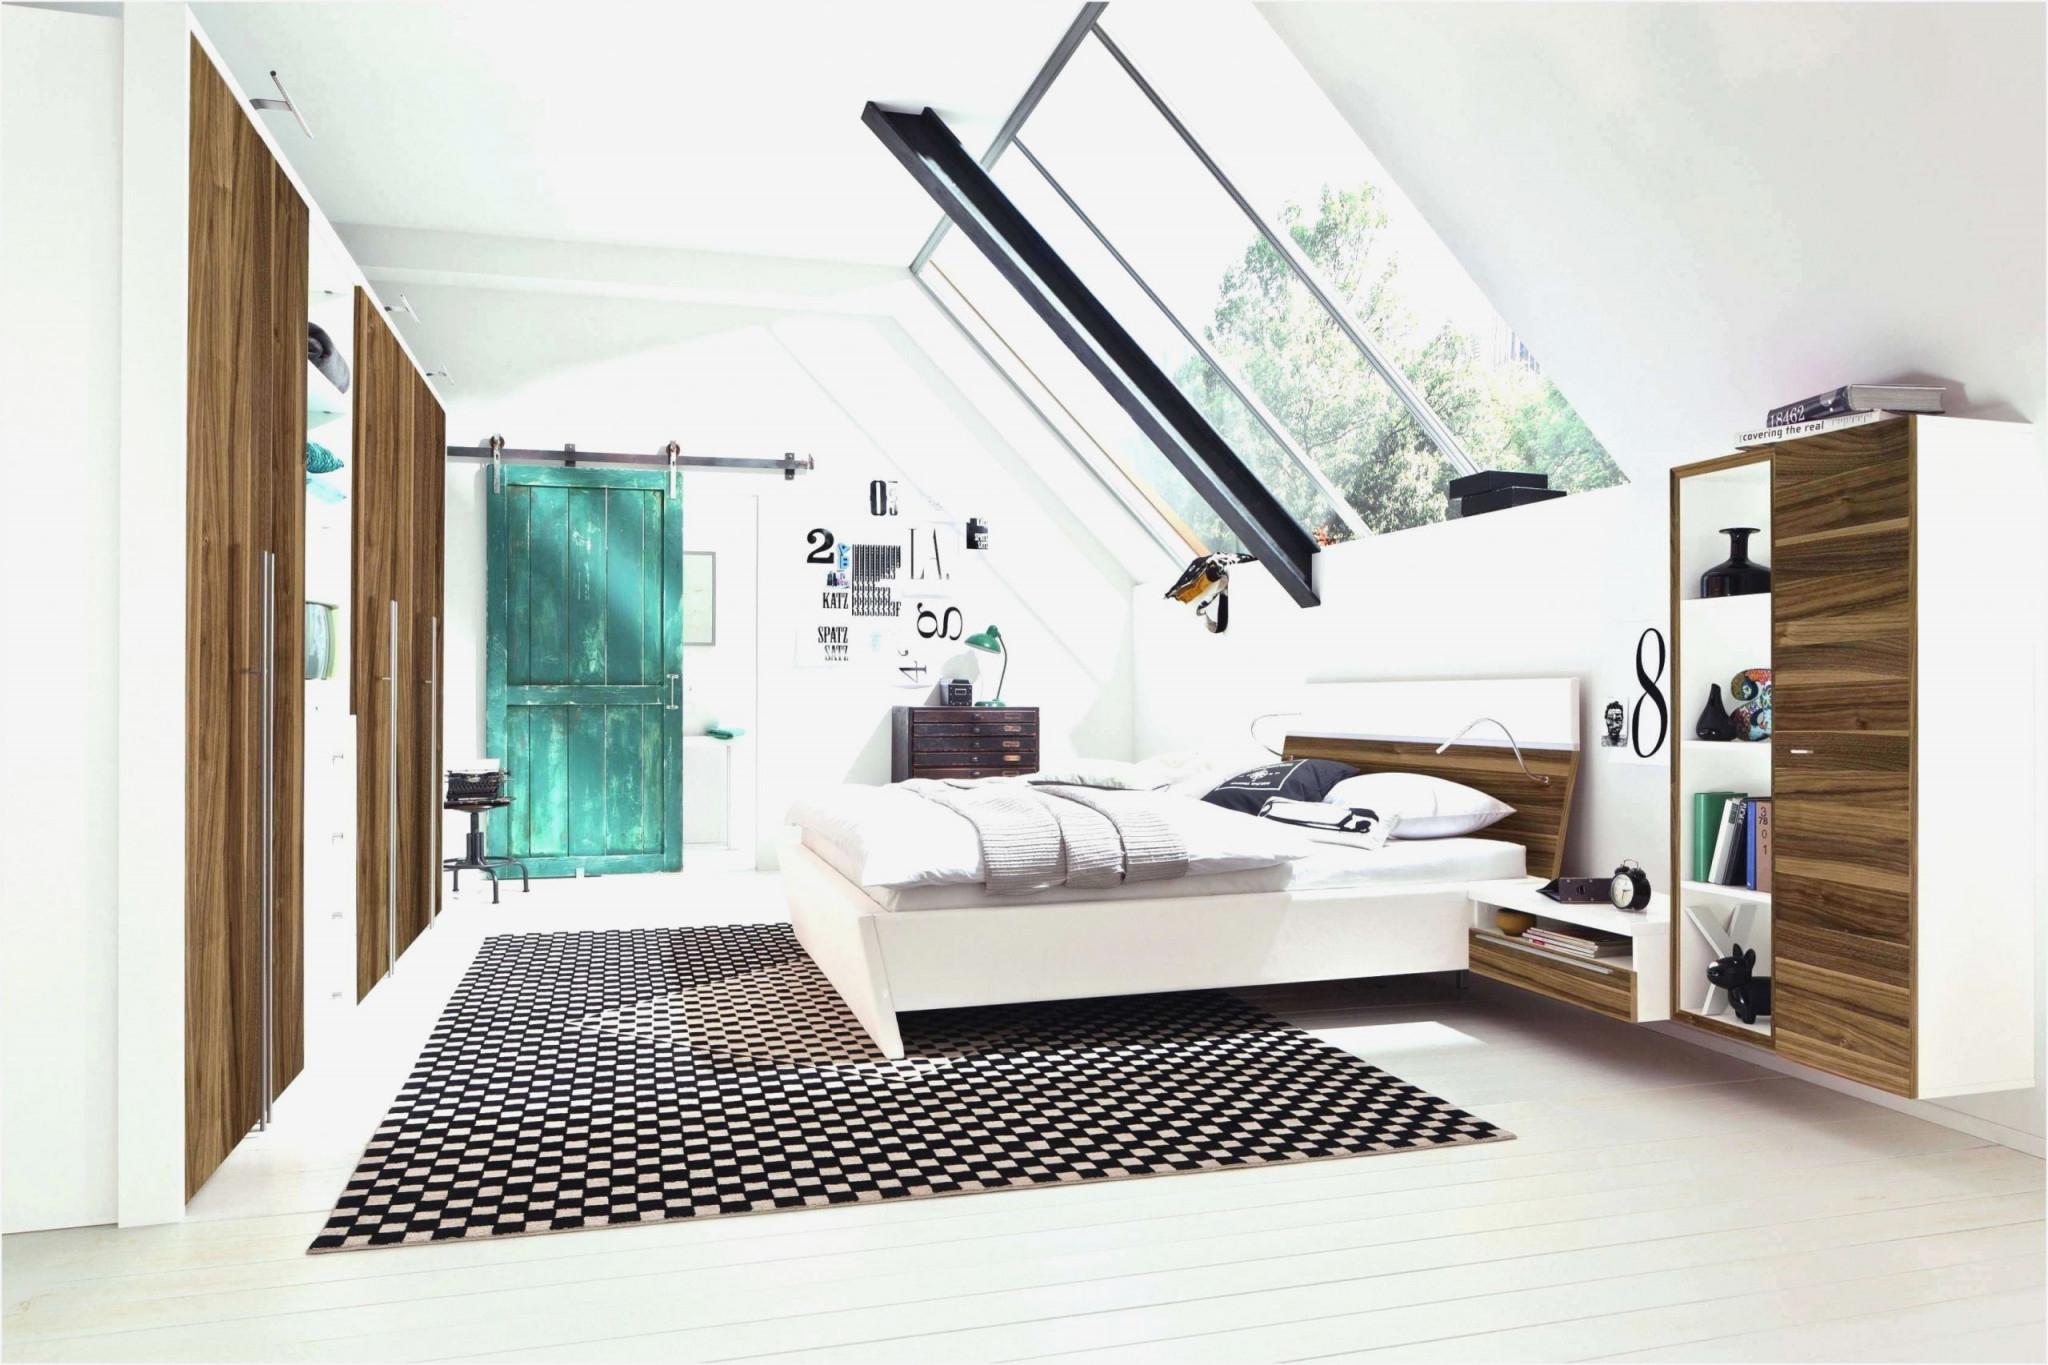 Wohn Schlafzimmer Ideen – Caseconrad von Ideen Wohnzimmer Und Schlafzimmer In Einem Bild